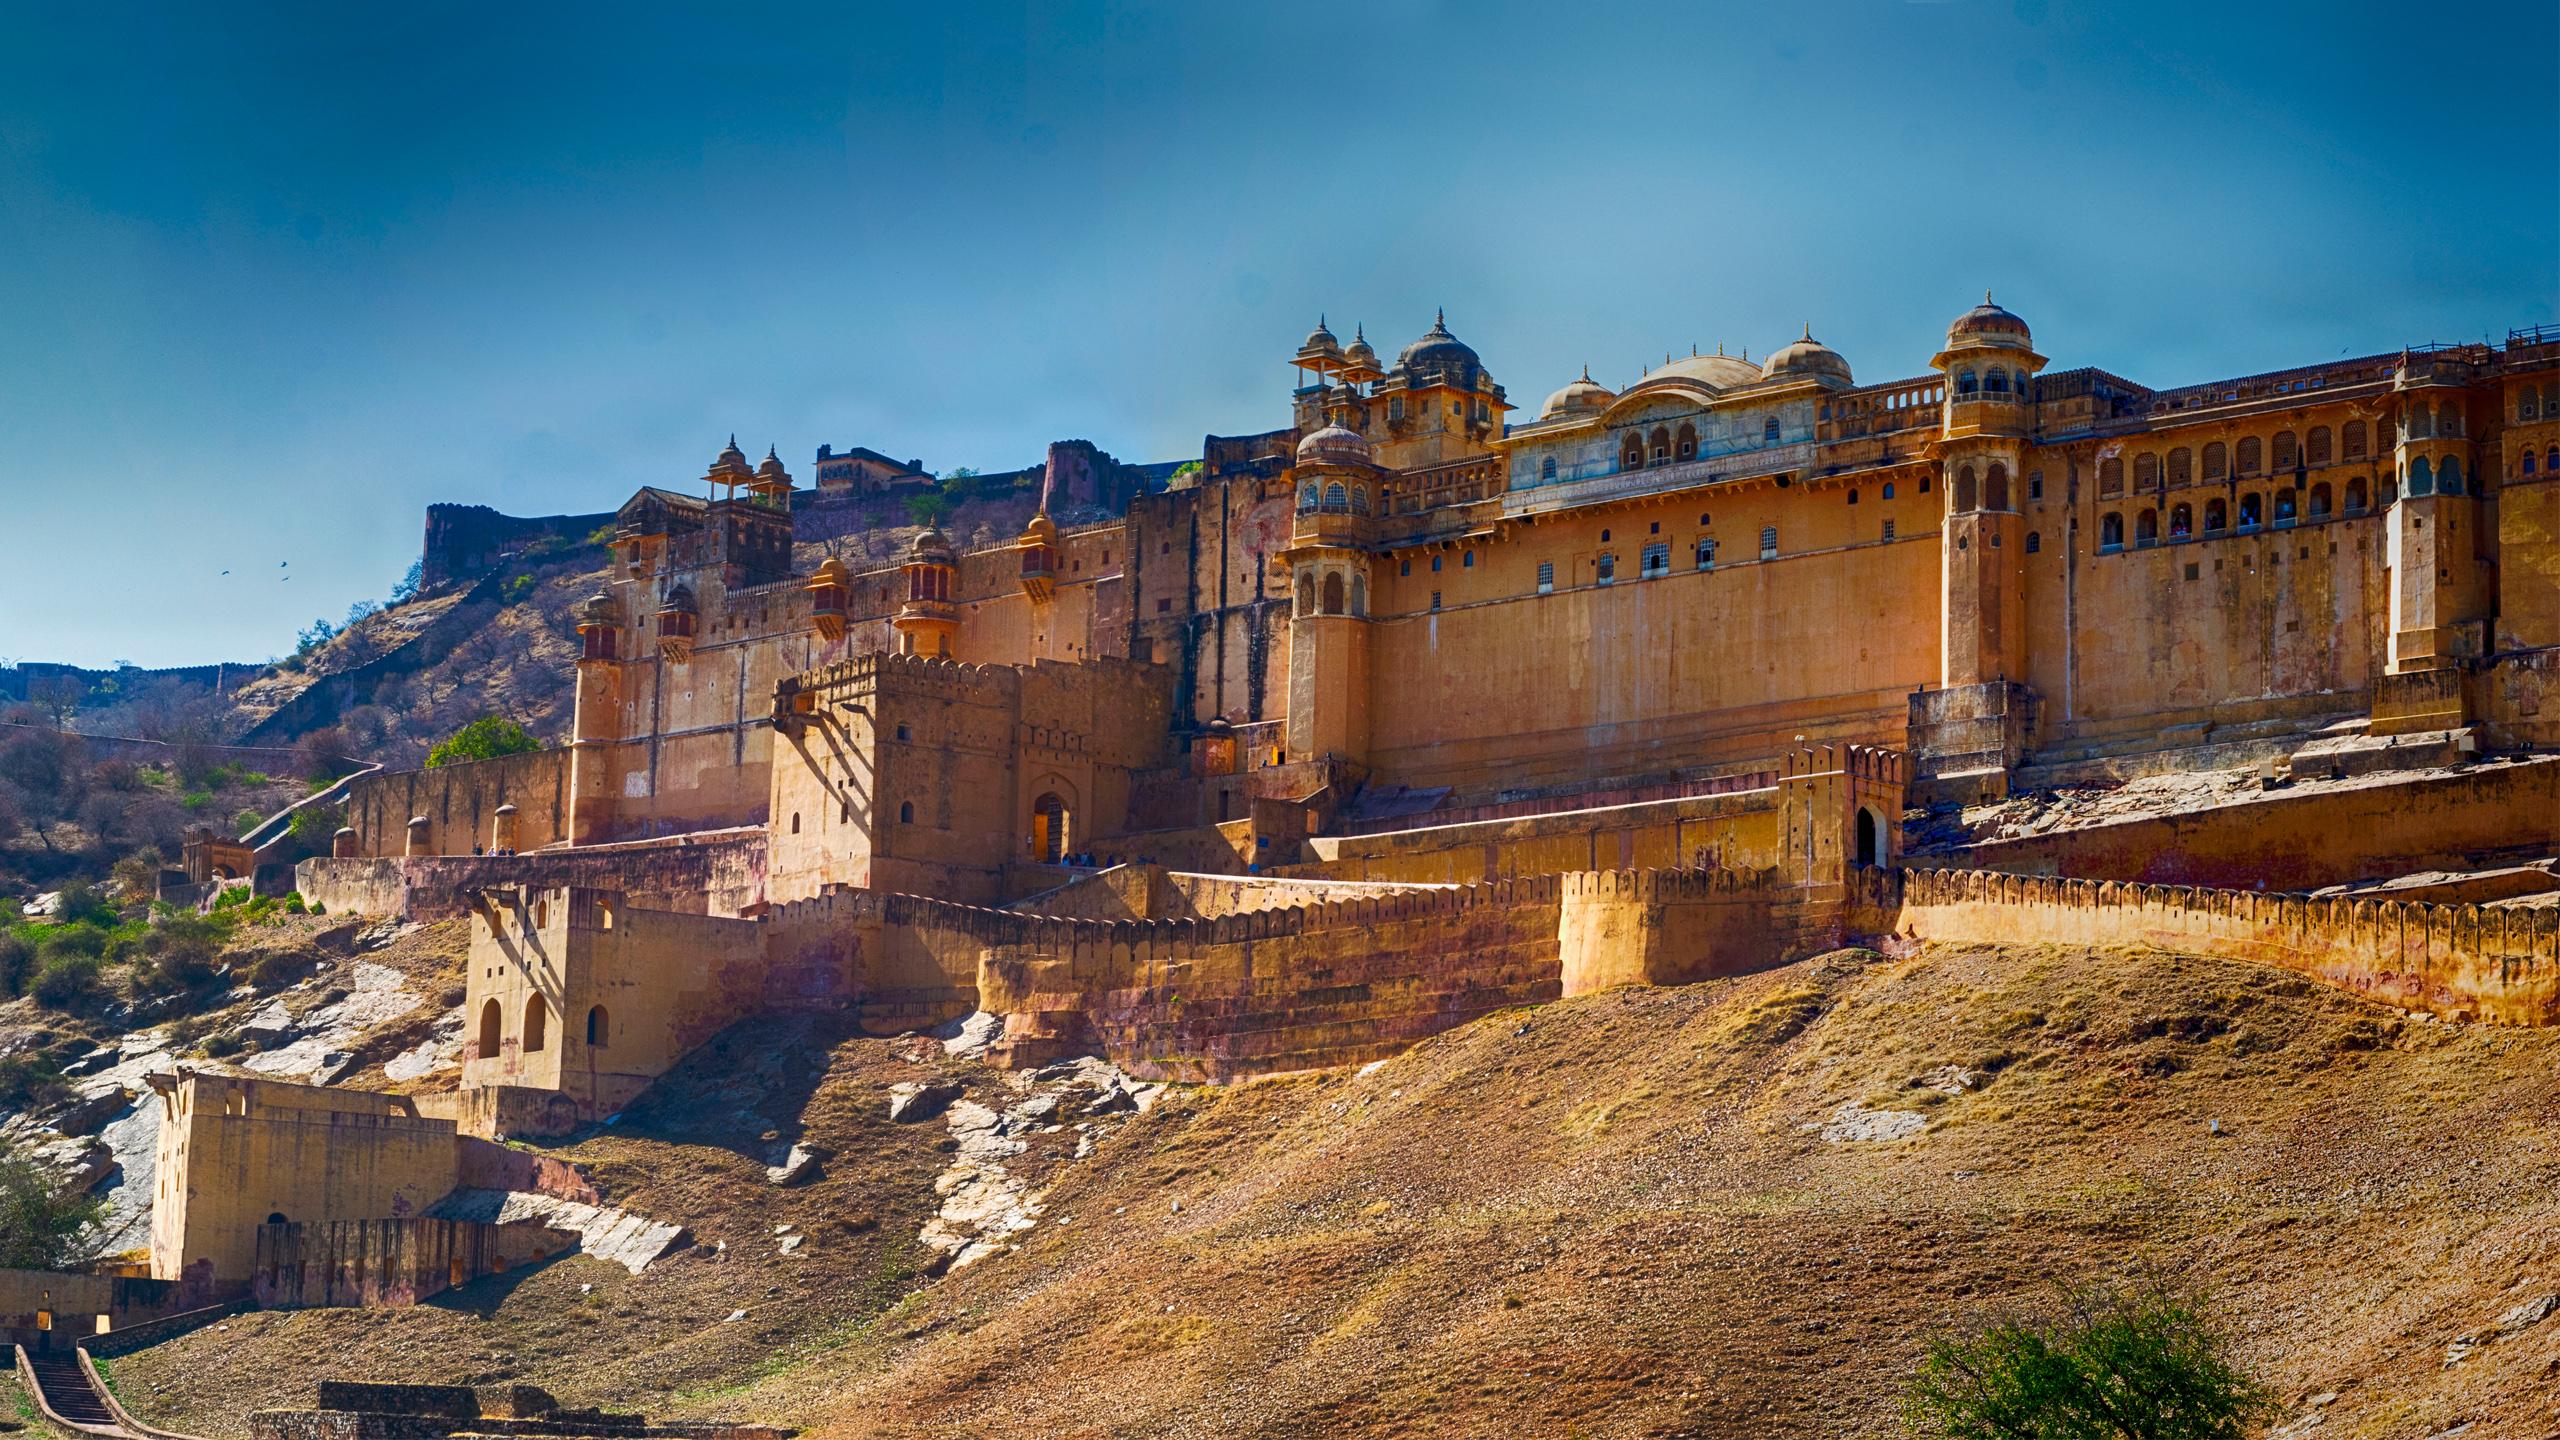 ผลการค้นหารูปภาพสำหรับ Amber Fort panorama